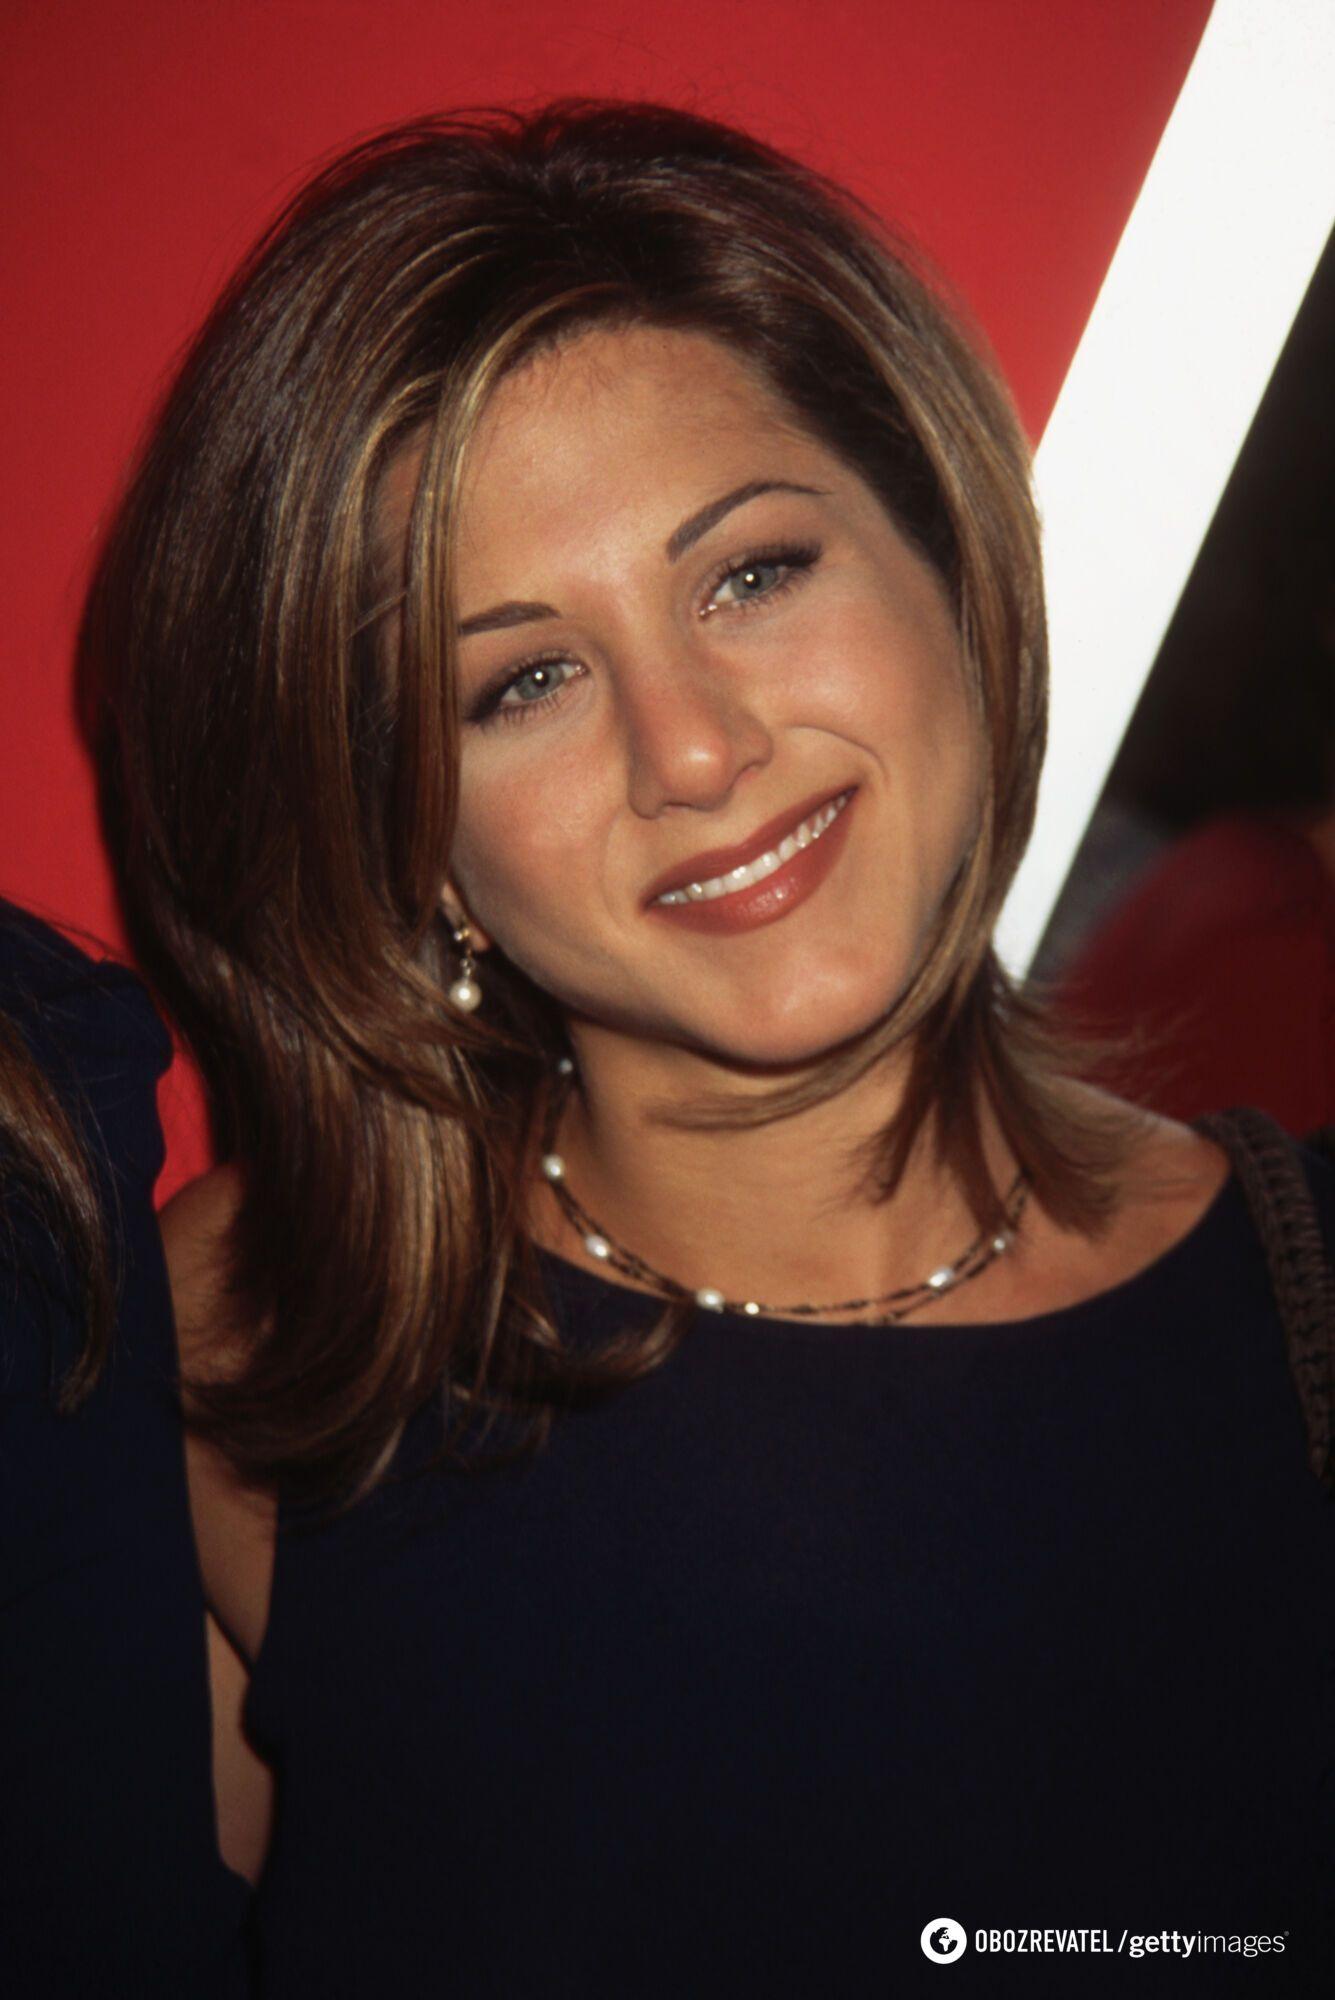 Зачіска Рейчел була культовою до середини 90-х